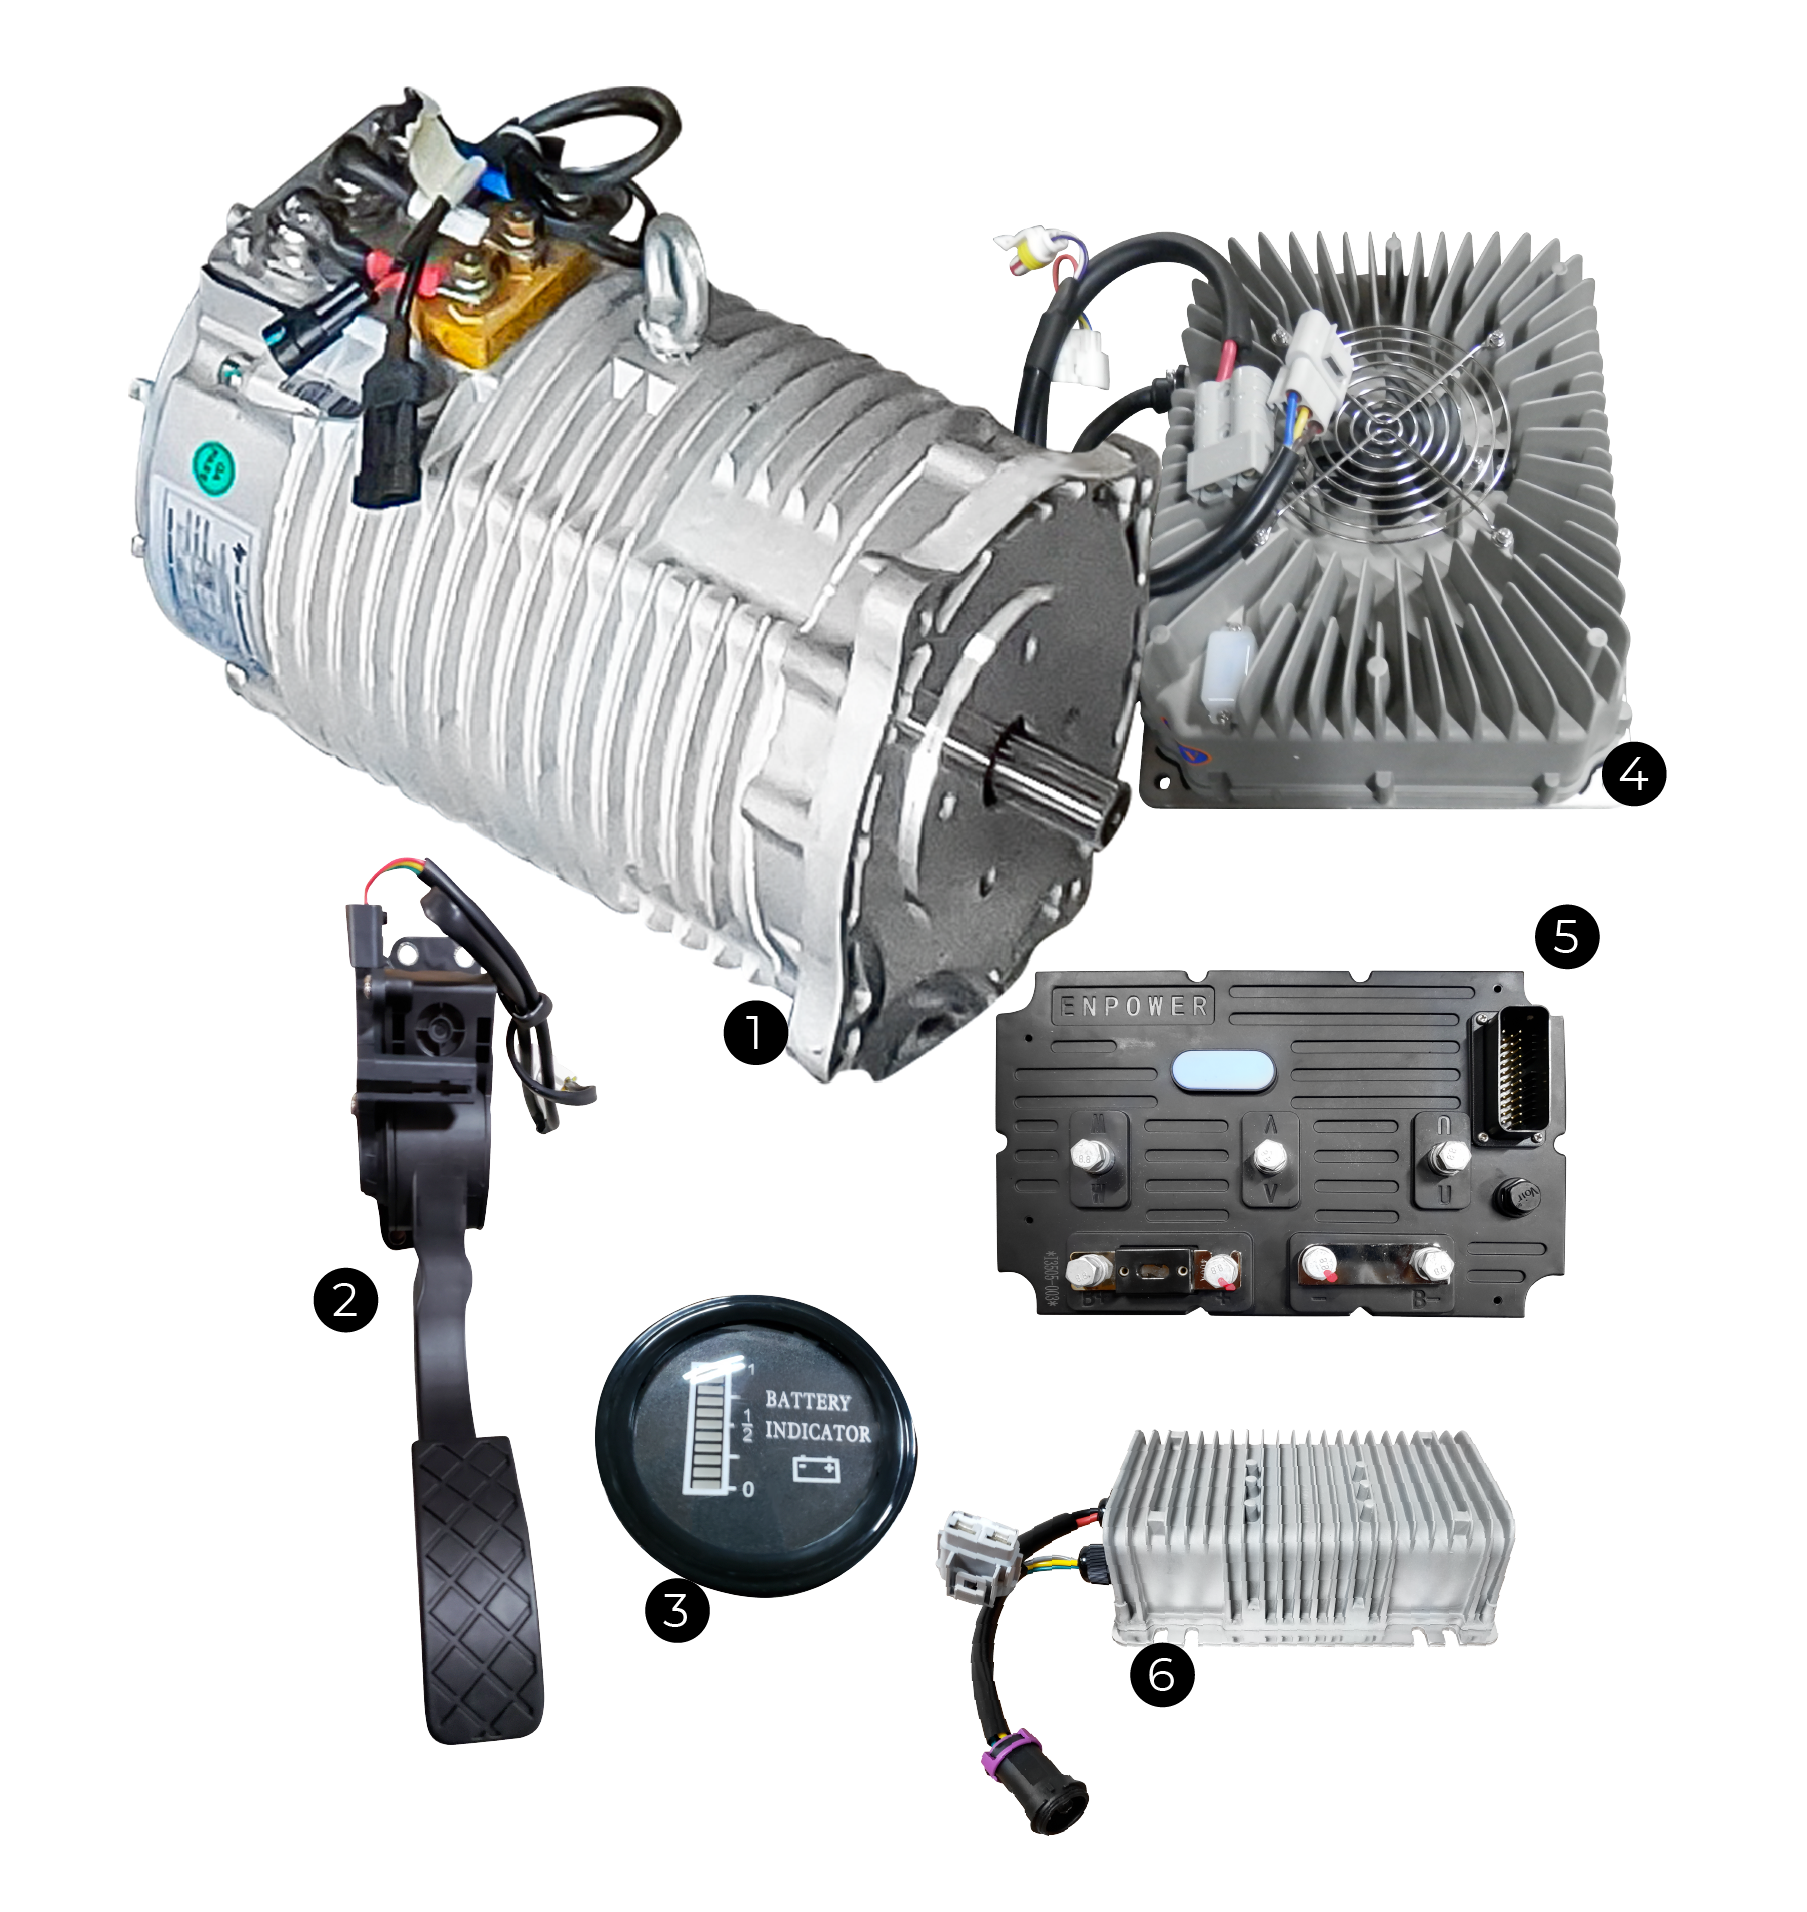 kit-de-conversion-de-autos-electricos